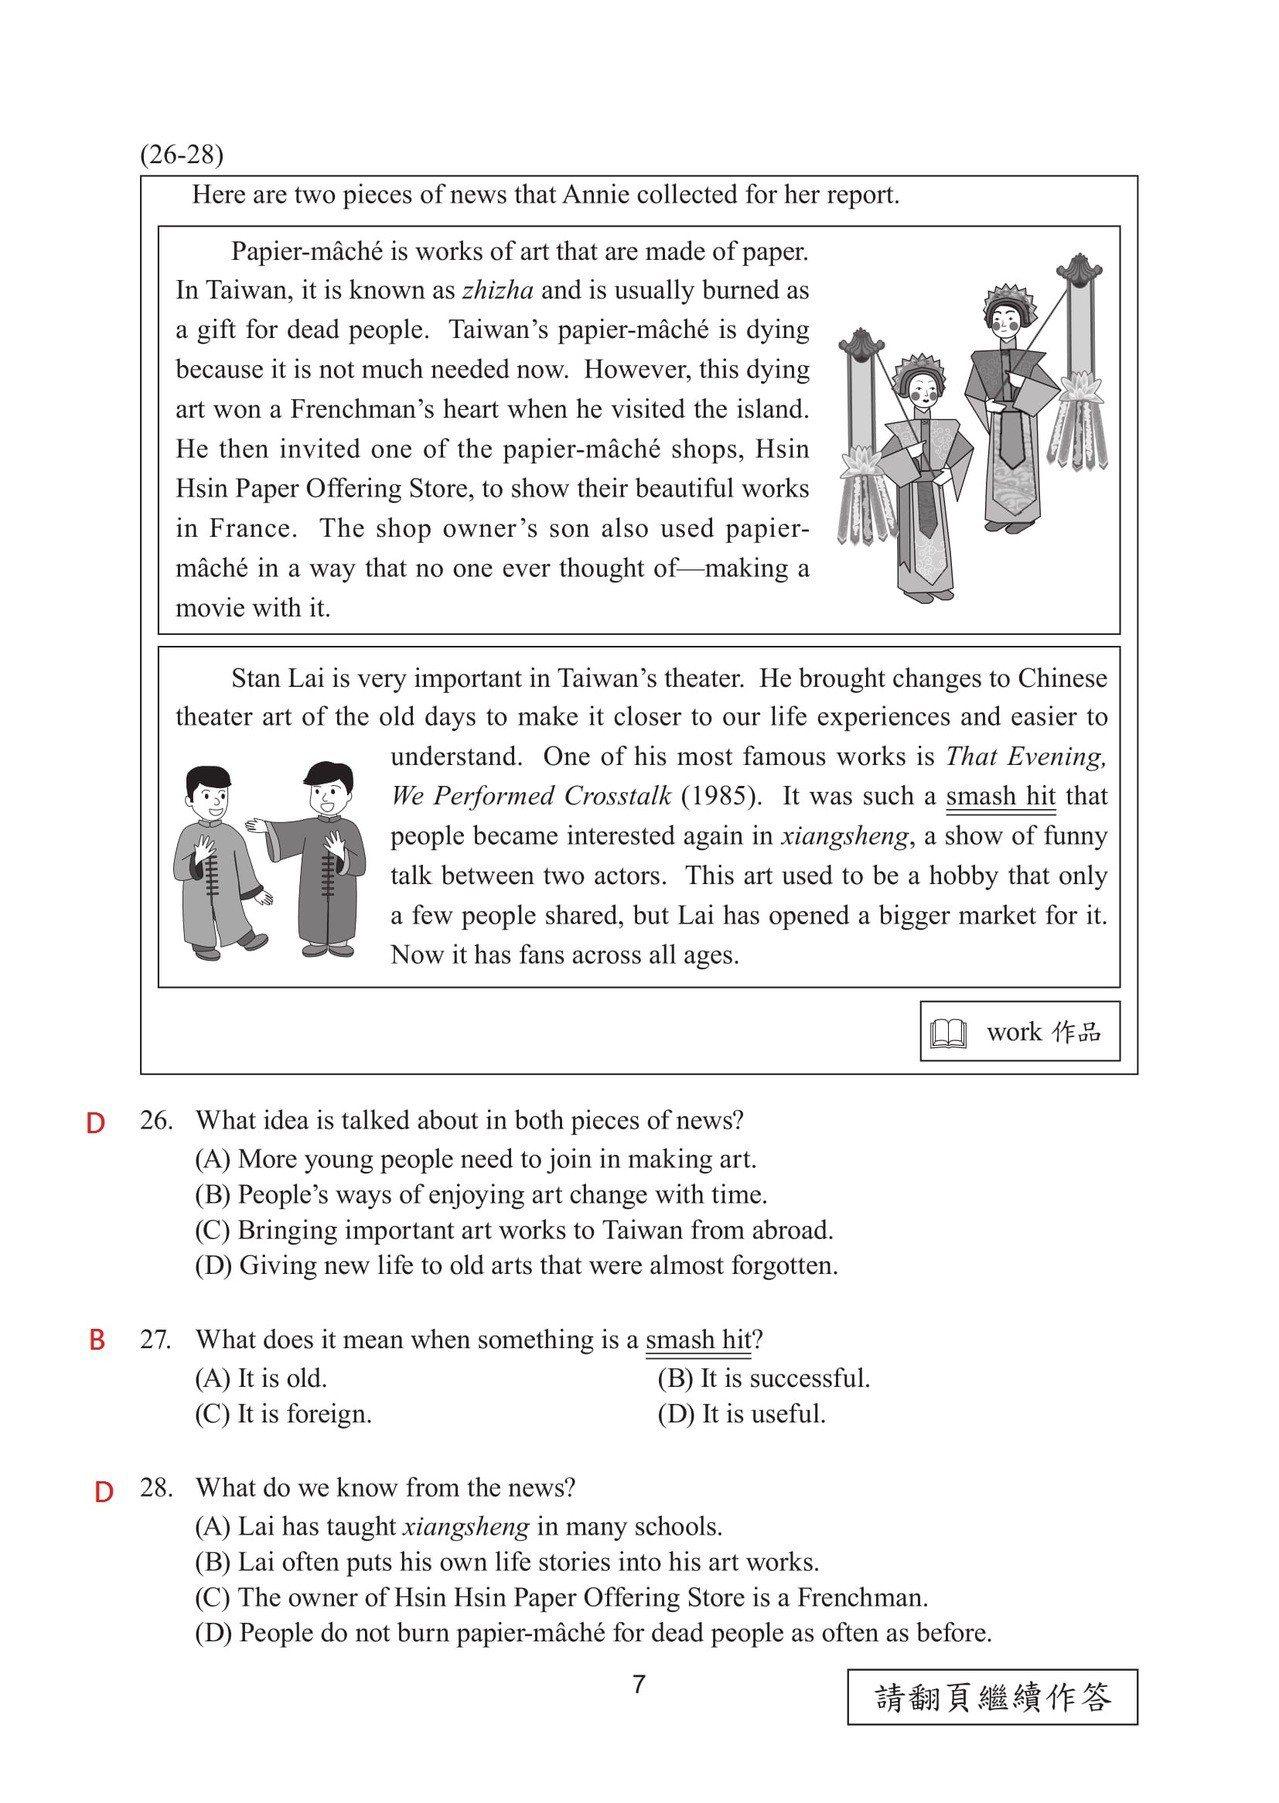 108國中會考英語(閱讀)科試題解答,第7頁。